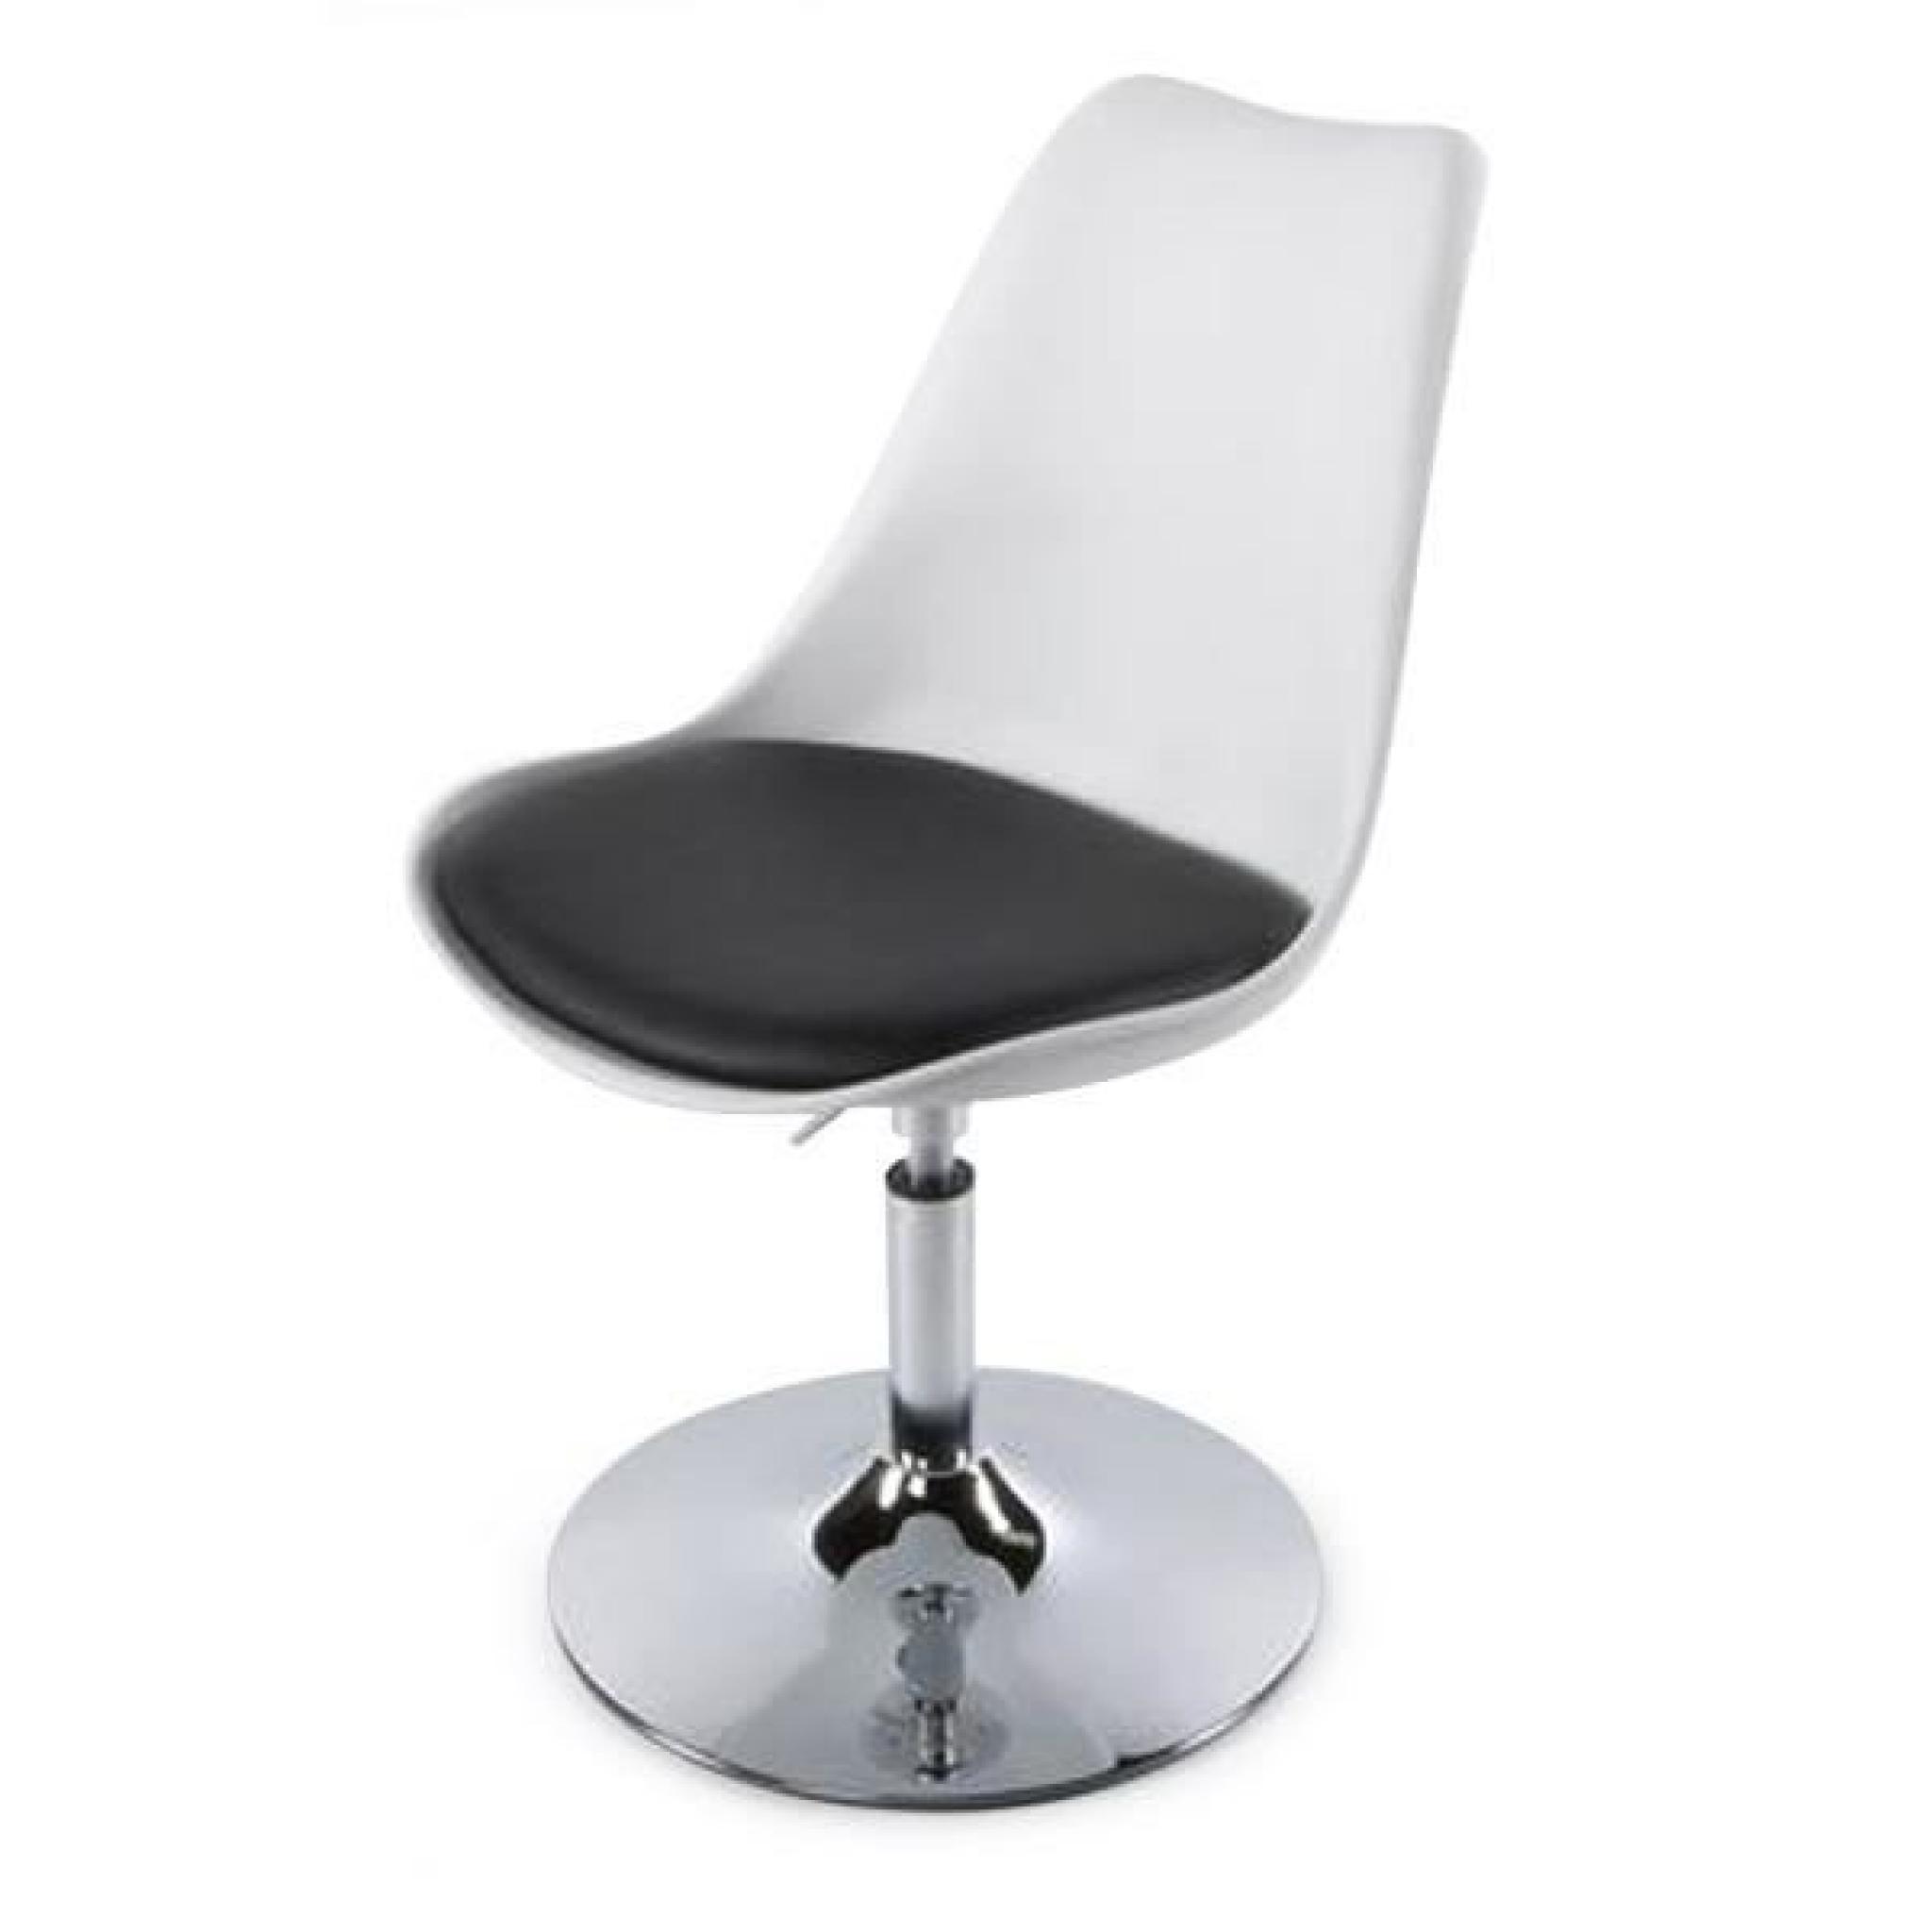 chaise design en polyur thane de couleur blanch achat vente chaise salle a manger pas cher. Black Bedroom Furniture Sets. Home Design Ideas